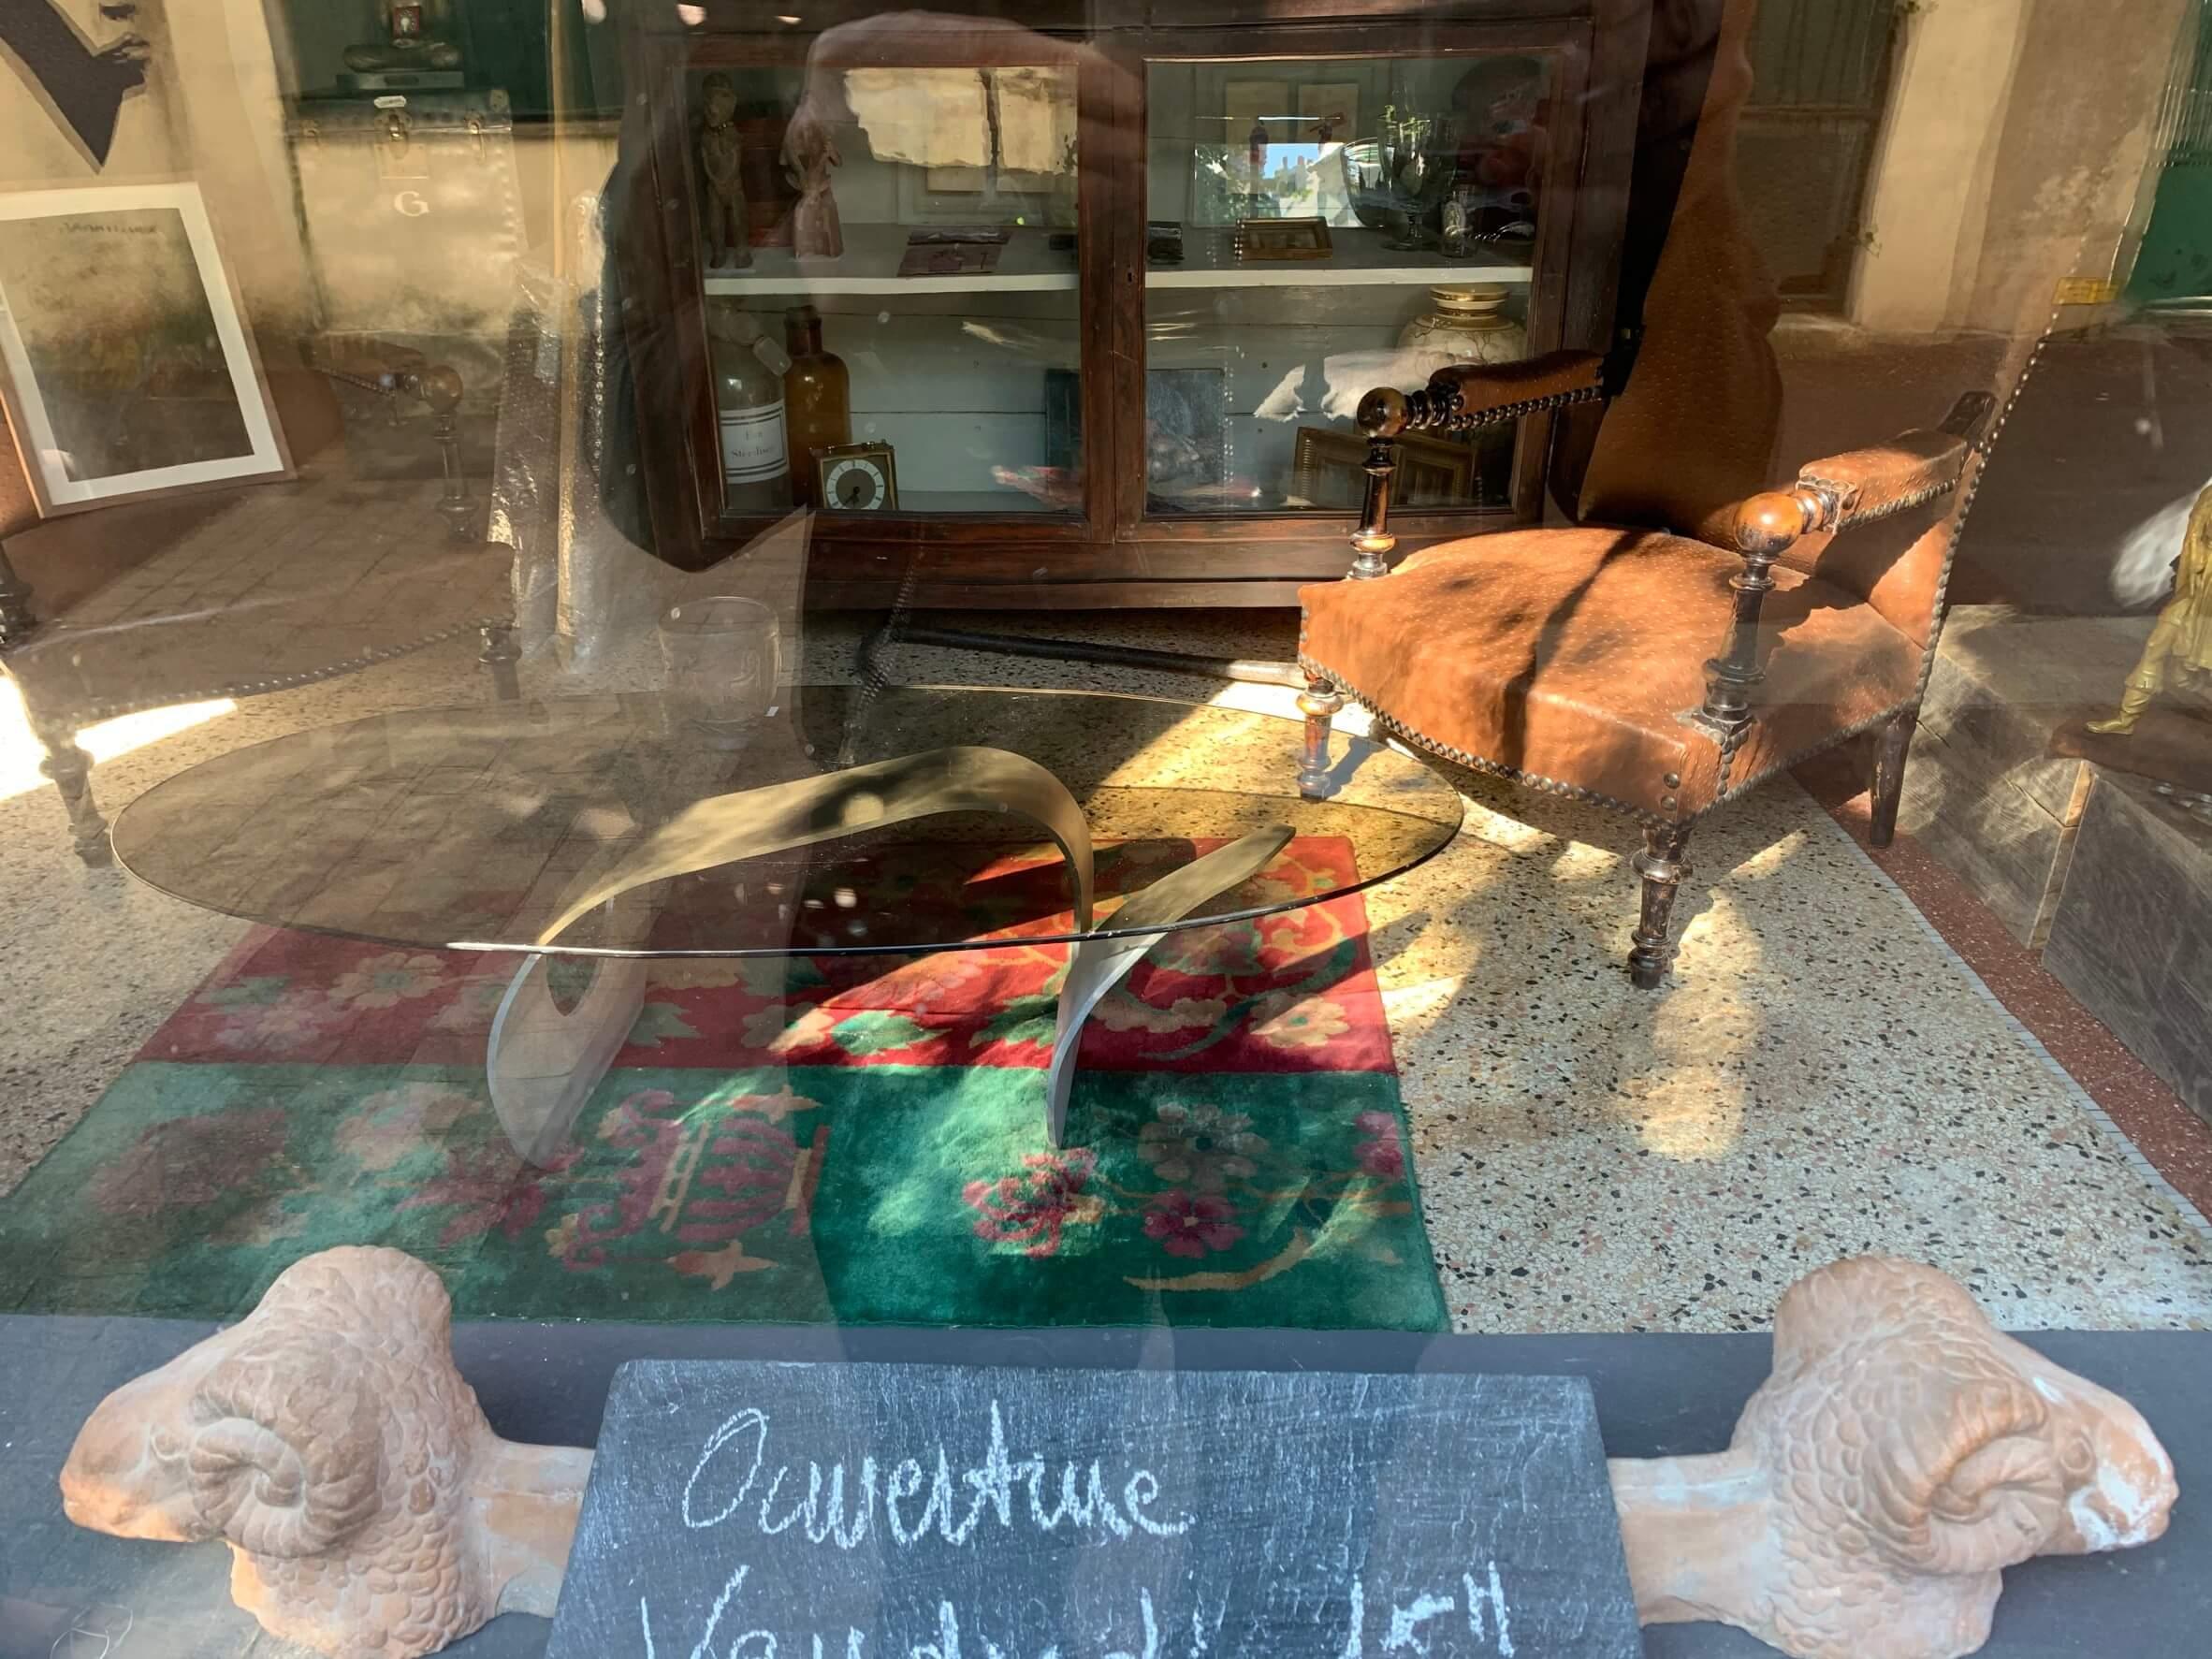 滞仏旅日記「フランスの田舎で雑貨やアンティークを探す愉しみ」